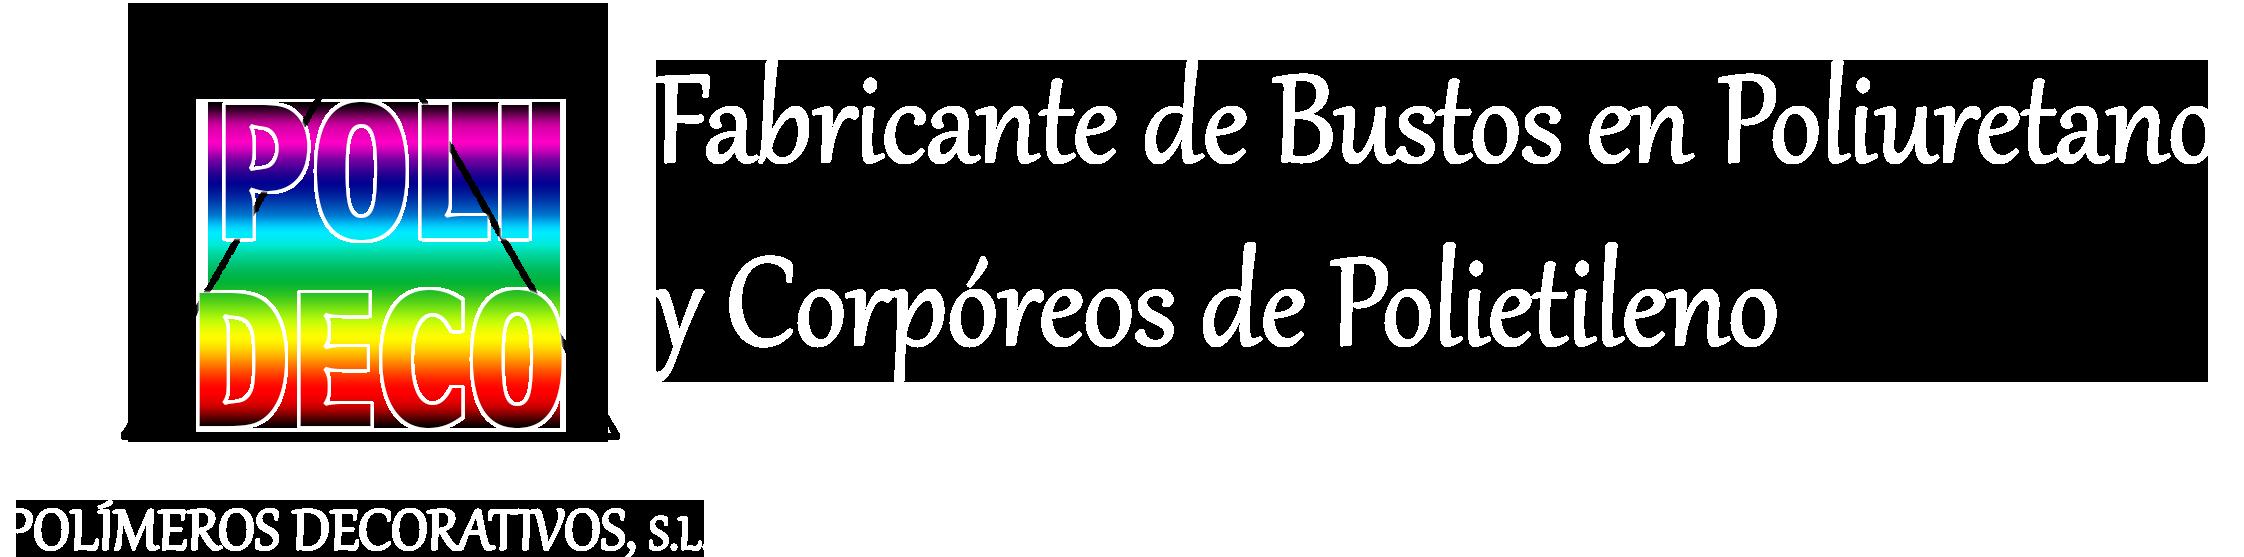 fabricantes bustos – hombre – mujer – niño – costura – escaparate – polietileno – poliuretano